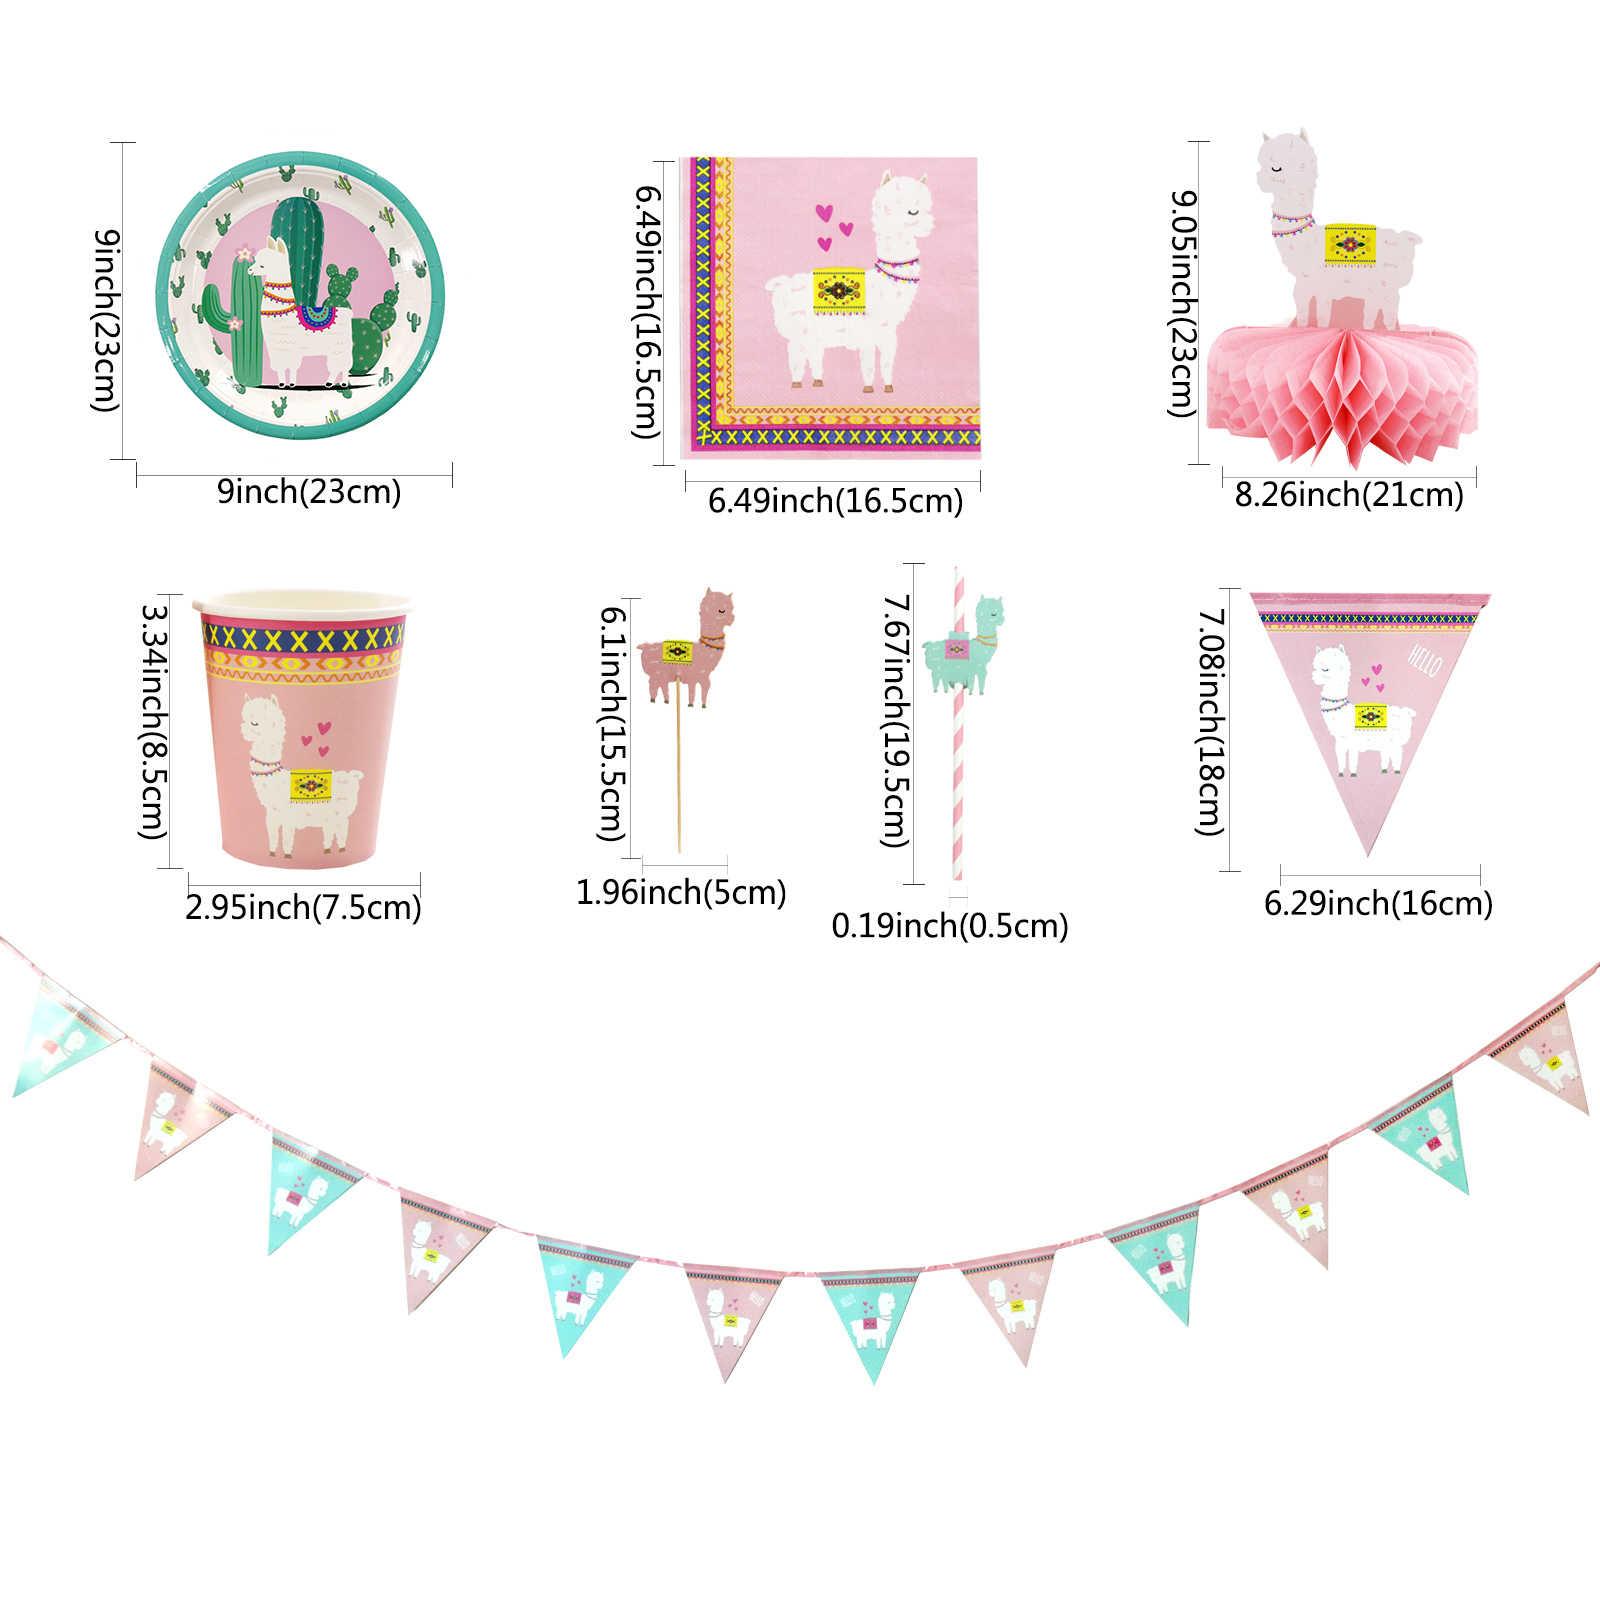 אלפקה כלי שולחן מסיבת יום הולדת דקור הלמה נייר צלחות כוסות מפיות עוגת טופר לילדים שמח מסיבת יום הולדת דקור וגינה